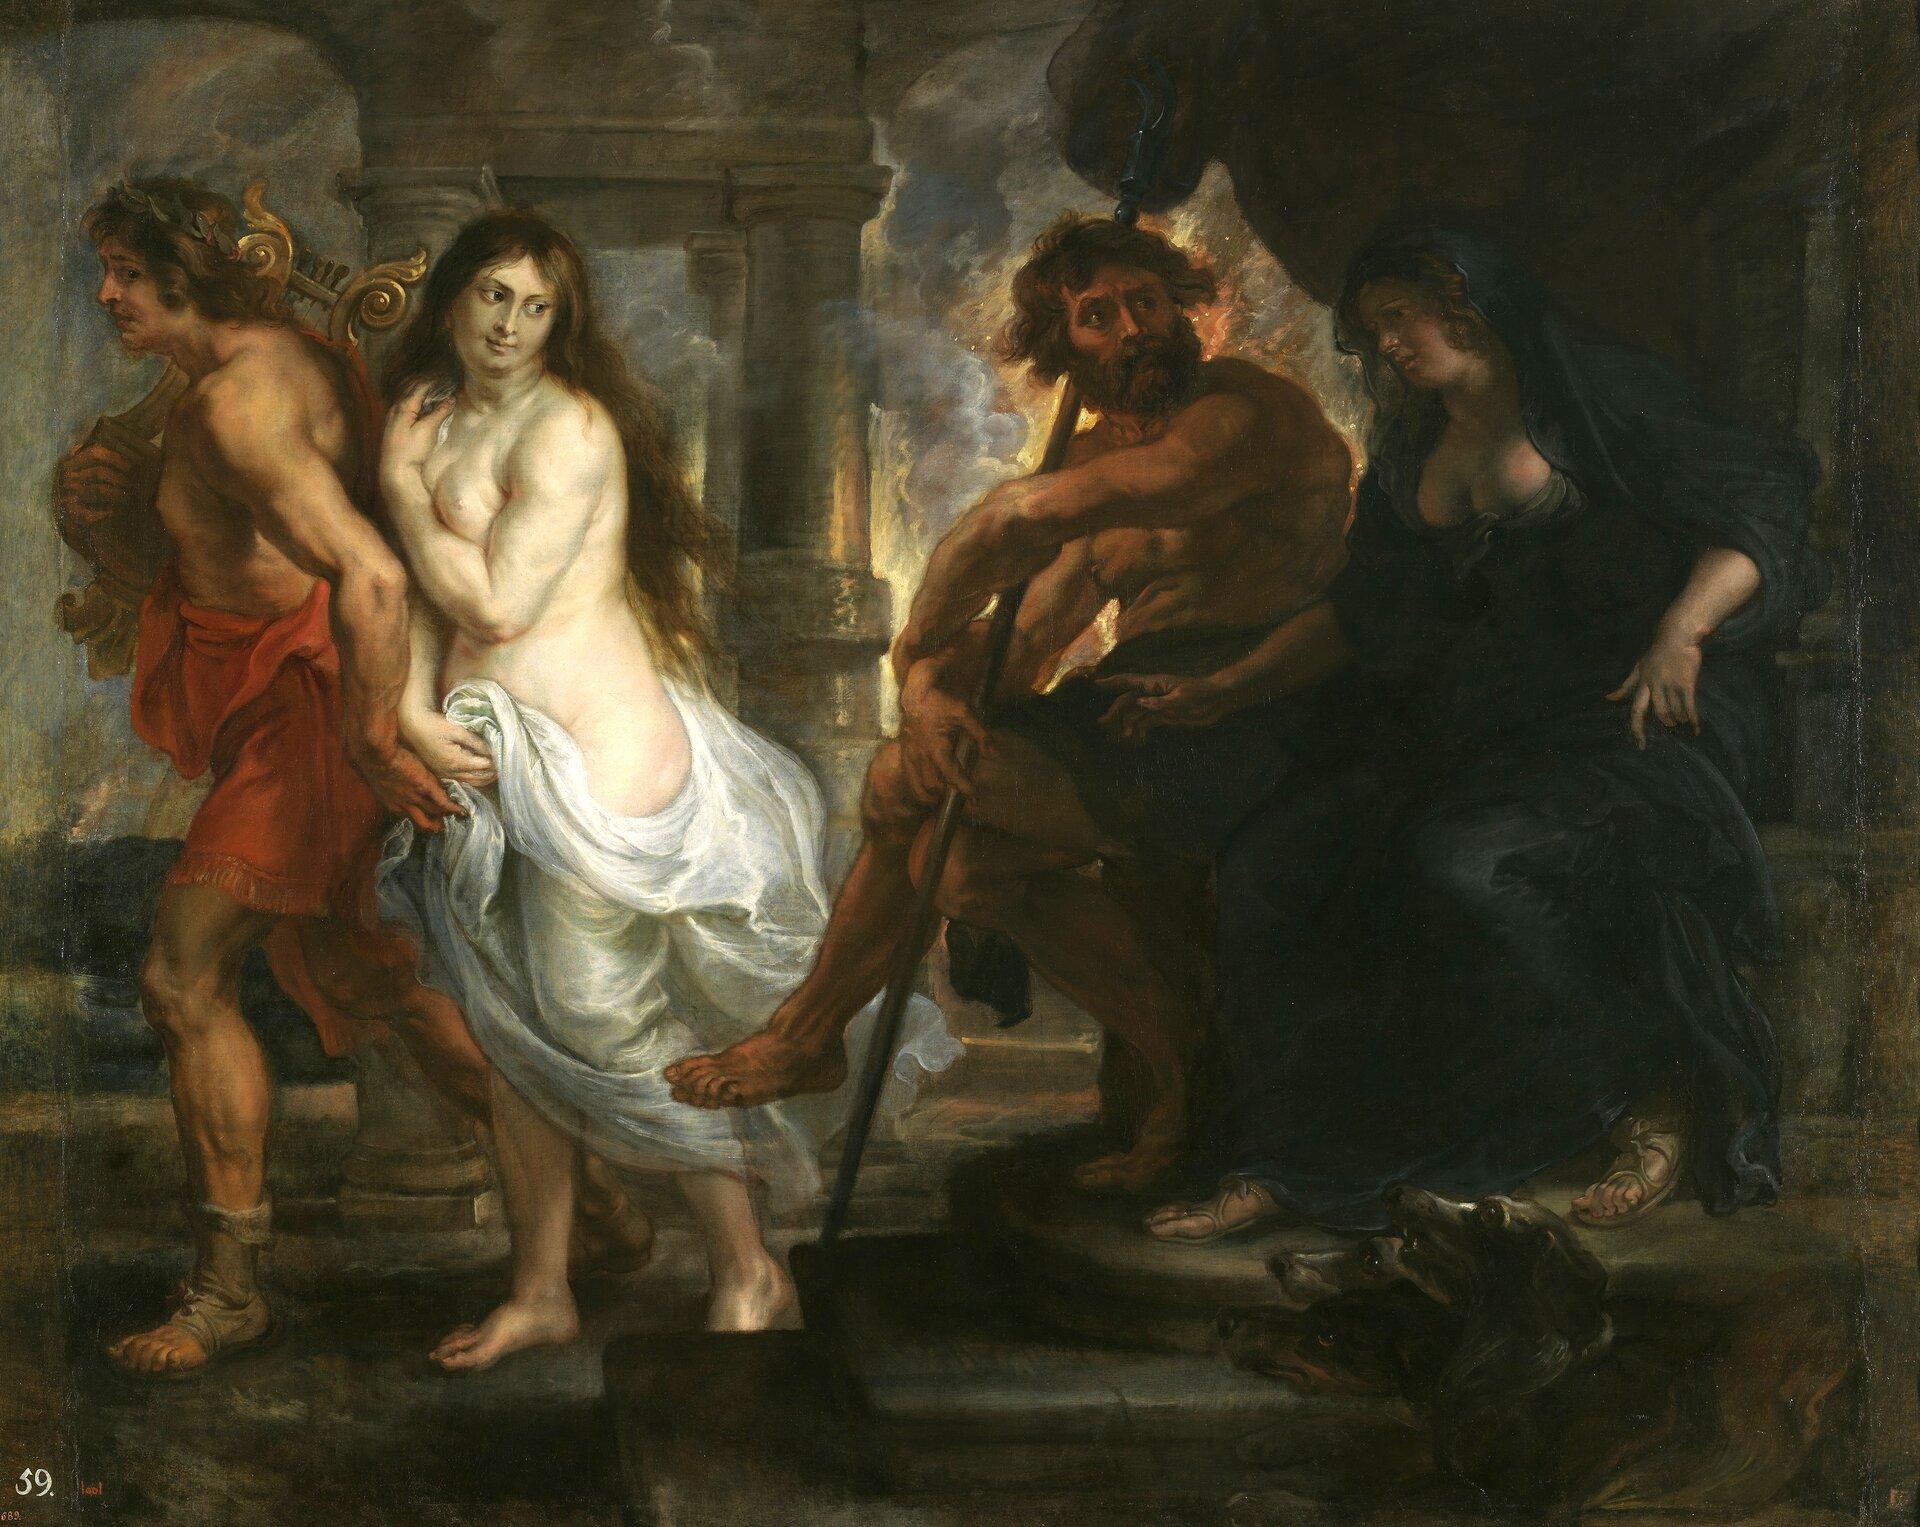 """Ilustracja przedstawia obraz Petera Paula Rubensa pt. """"Orfeusz iEurydyka"""". Jest to scena ukazująca odzyskanie żony przez Orfeusza. Właśnie wychodzi zHadesu, Eurydyka jest tuż za nim. Jest przepasany czerwoną szatą. Na ramieniu niesie lirę. Eurydyka ma ciemne długie włosy. Prawą ręką podtrzymuje zwiewną białą suknię zakrywającą dolne partie ciała. Orfeusz ukradkiem spogląda na żonę; trzyma ją za rękę śpiesząc do wyjścia. Eurydyka ogląda się na Persefonę, która zasiada zmałżonkiem na kamiennym tronie. Ubrana jest wczarną długą suknię. Półnagi Pluton odwrócony jest wjej stronę. Na odchodzącą parę patrzy Cerber, trójgłowy strażnik podziemi, ukazany udołu obok tronu."""